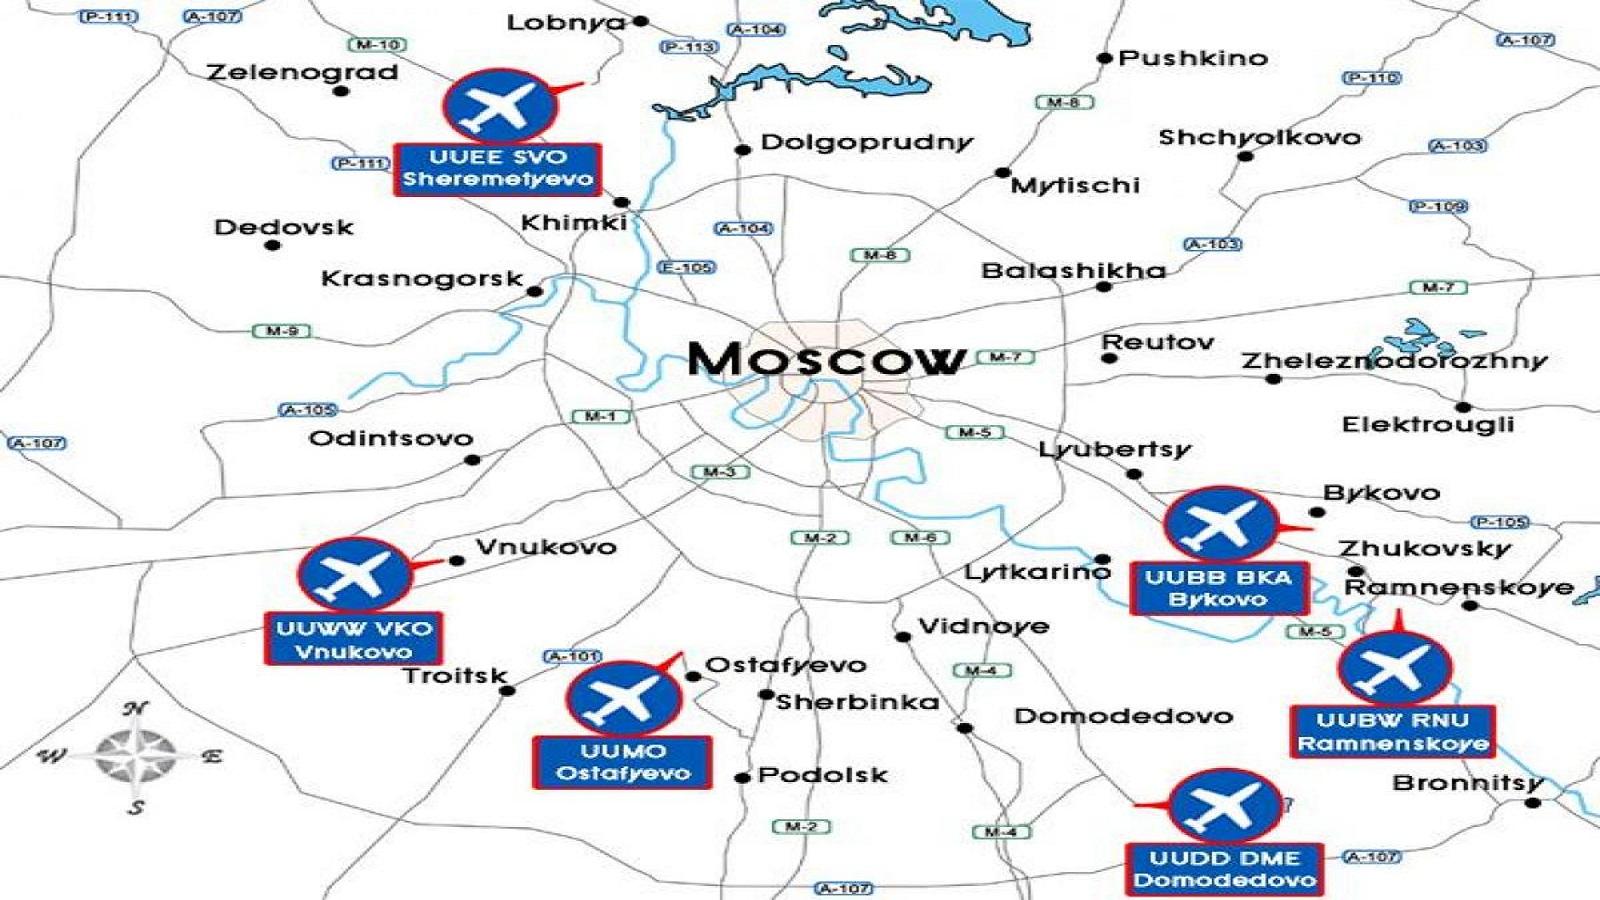 карта метро москва 2020 с аэропортами и аэроэкспрессами